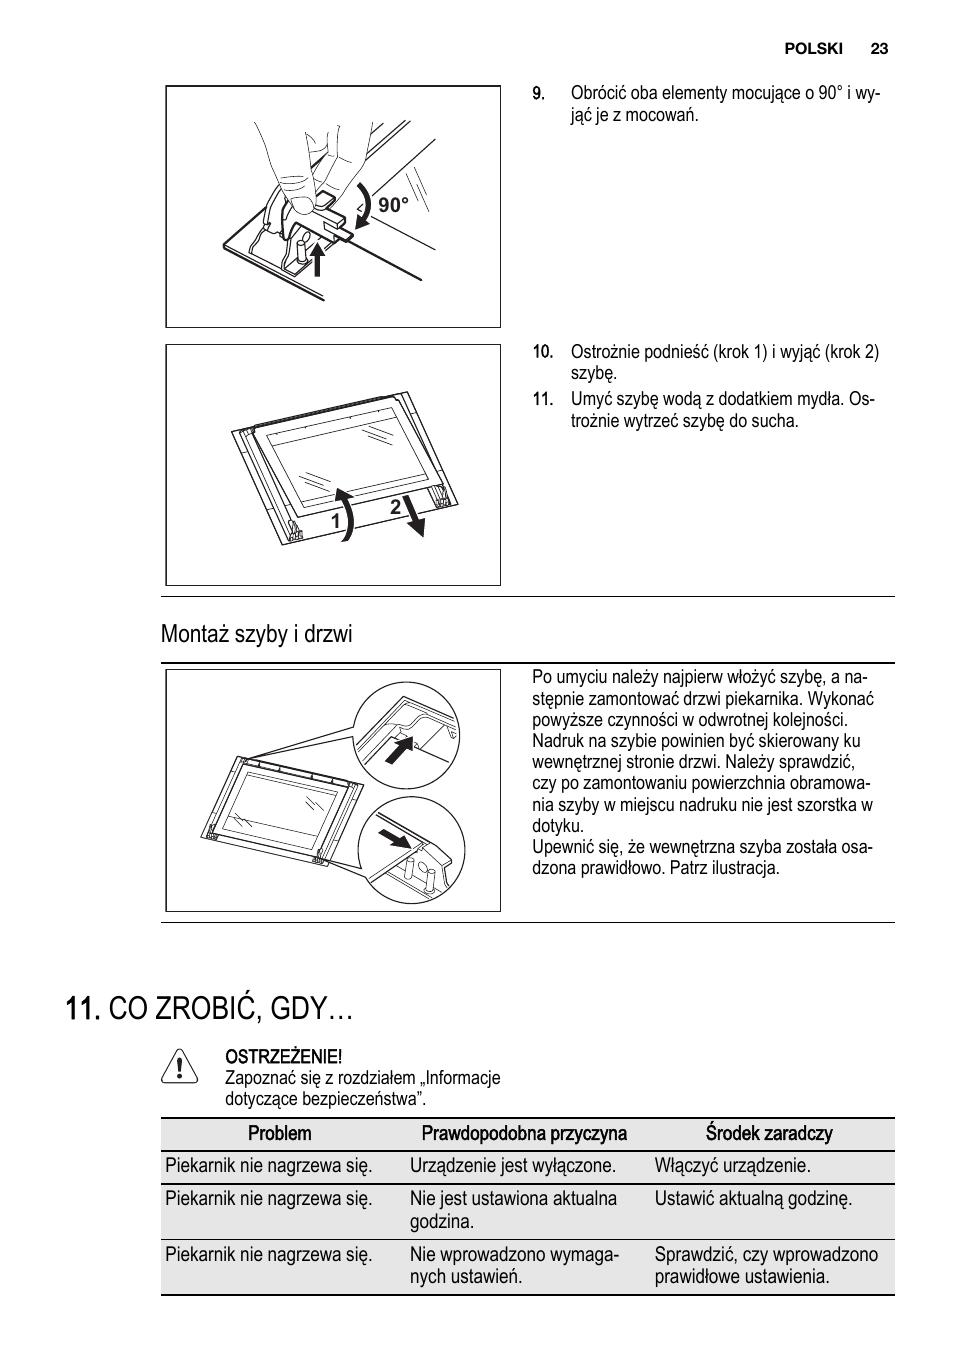 отлично духовые шкафы электролюкс инструкция неправильно проведенной